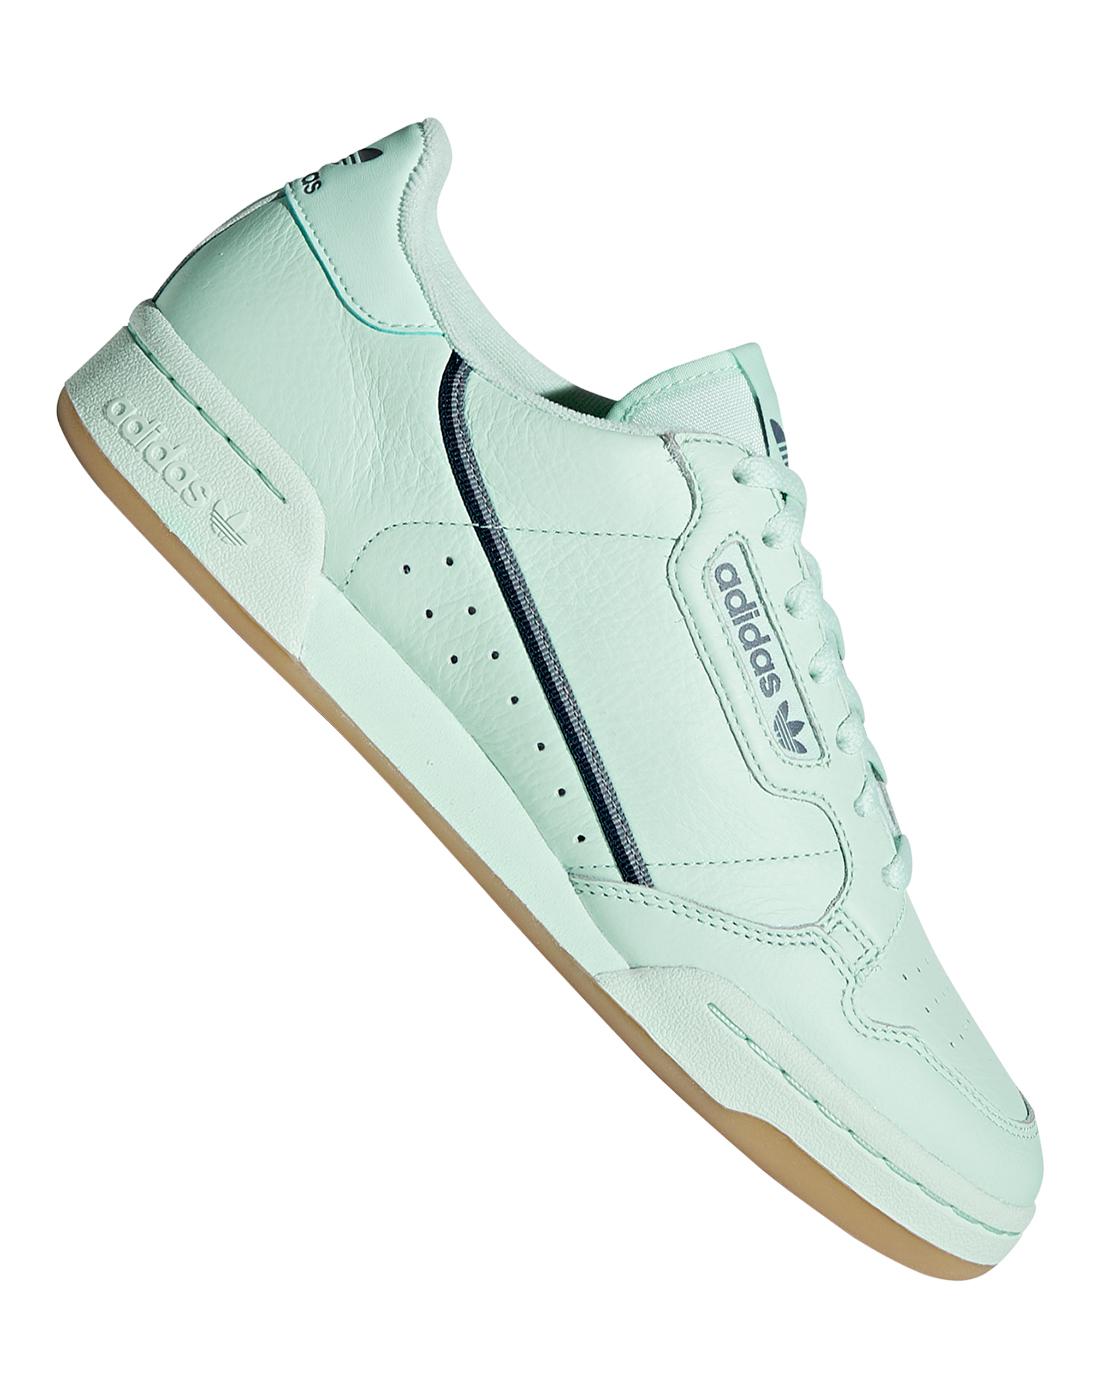 Green adidas Originals Continental 80